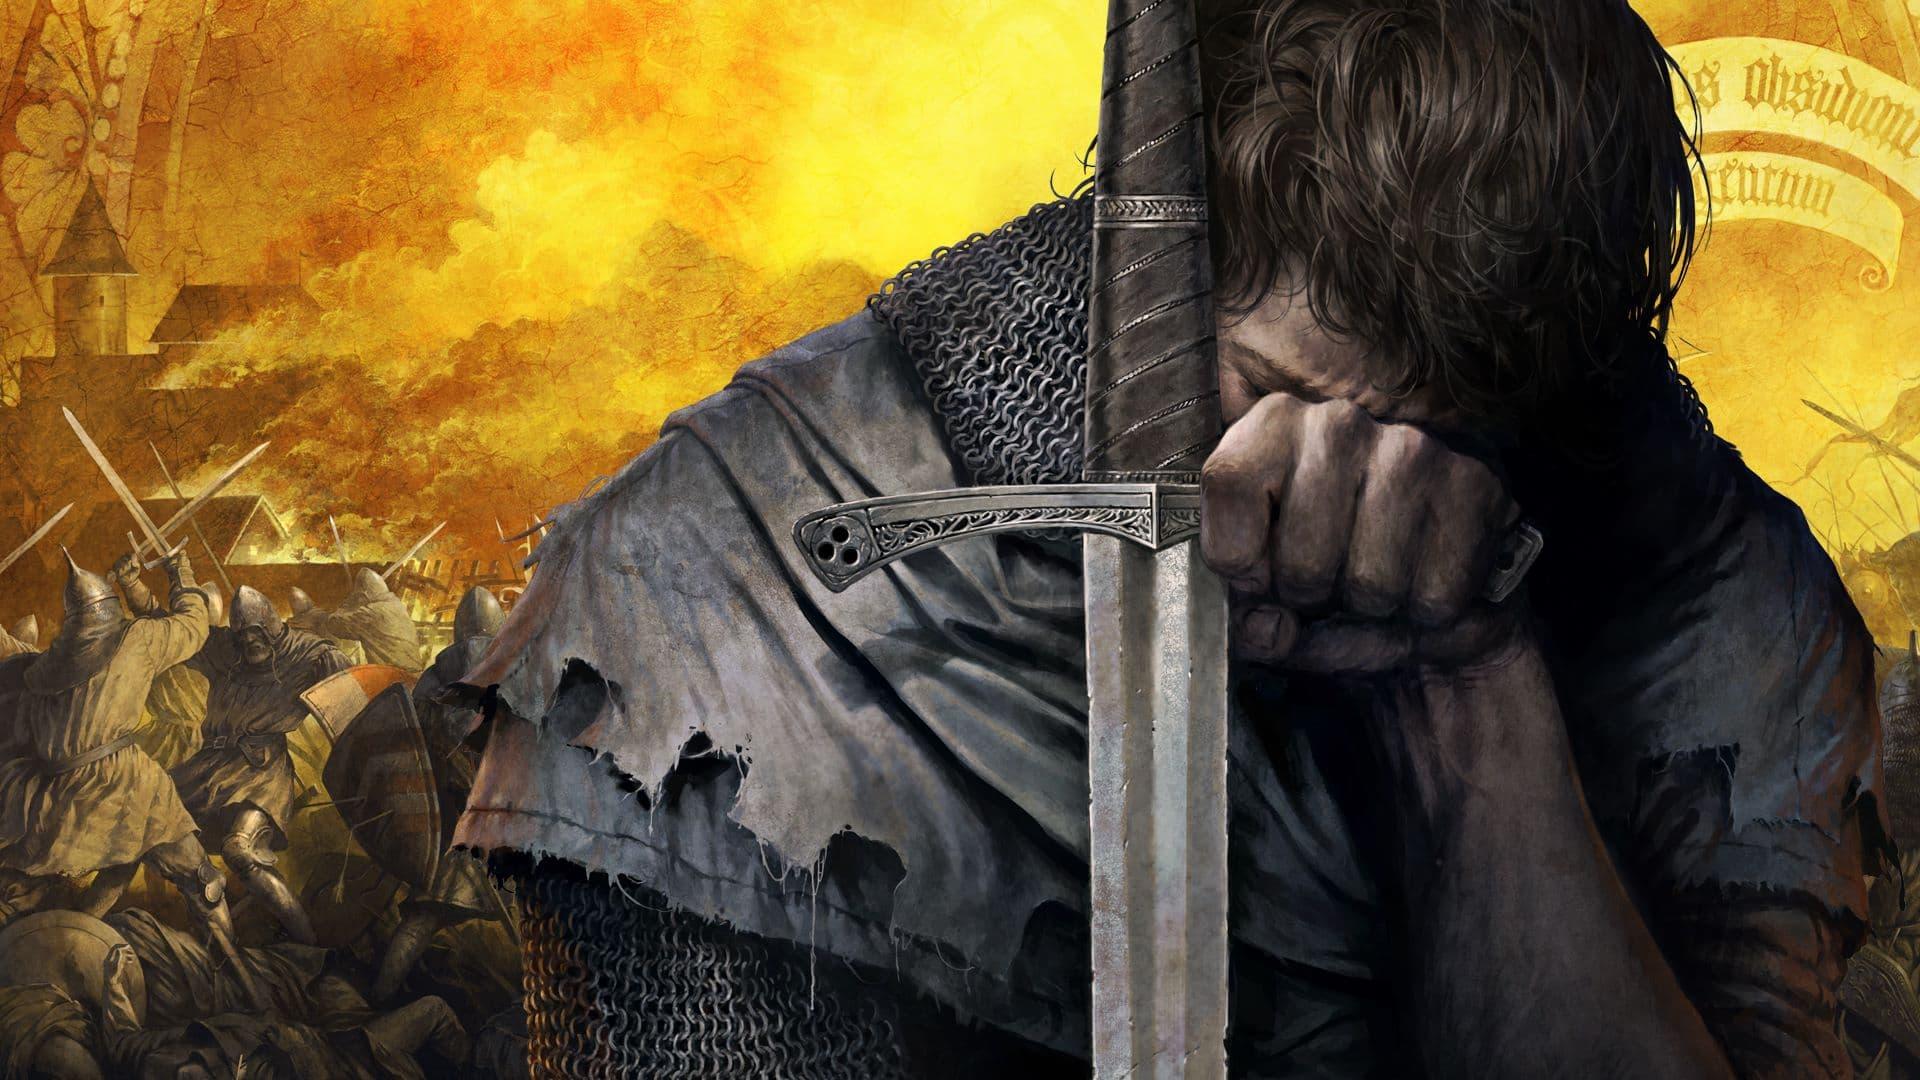 Las mejores ofertas en juegos de Xbox One: 20 juegos entre 15 y 30€ 12